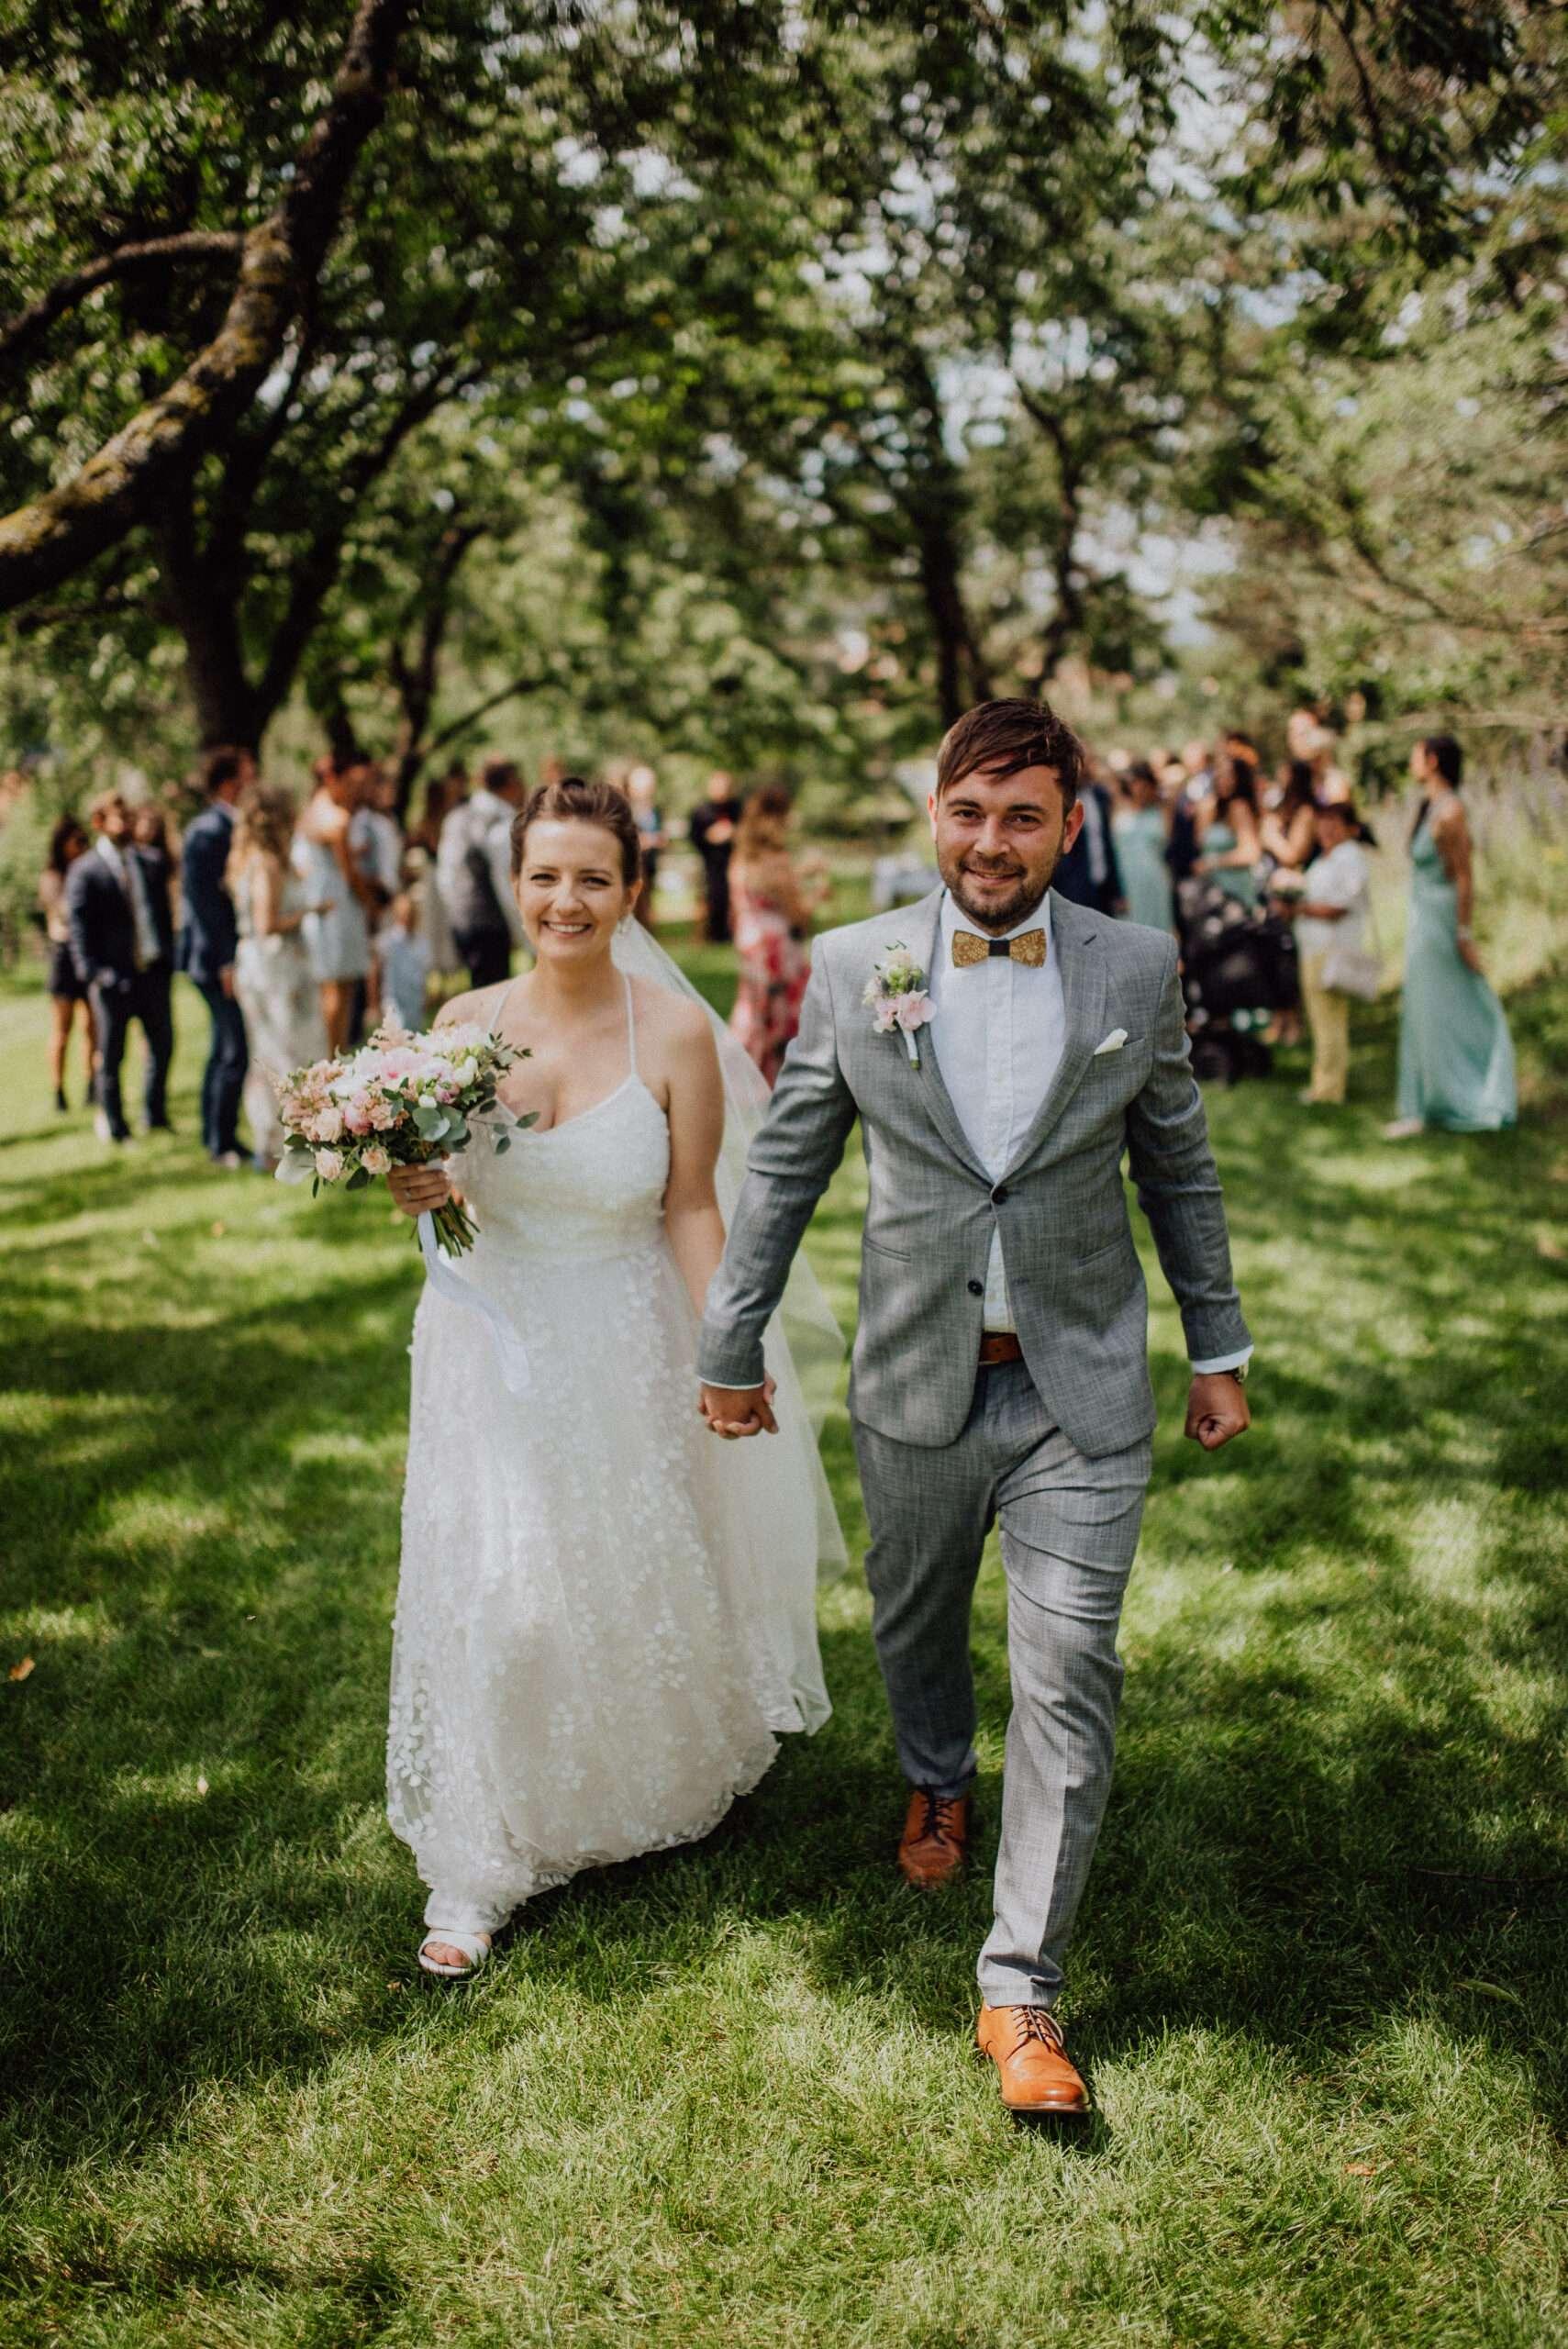 Ženich s nevěstou spolu odchází uličkou po obřadu